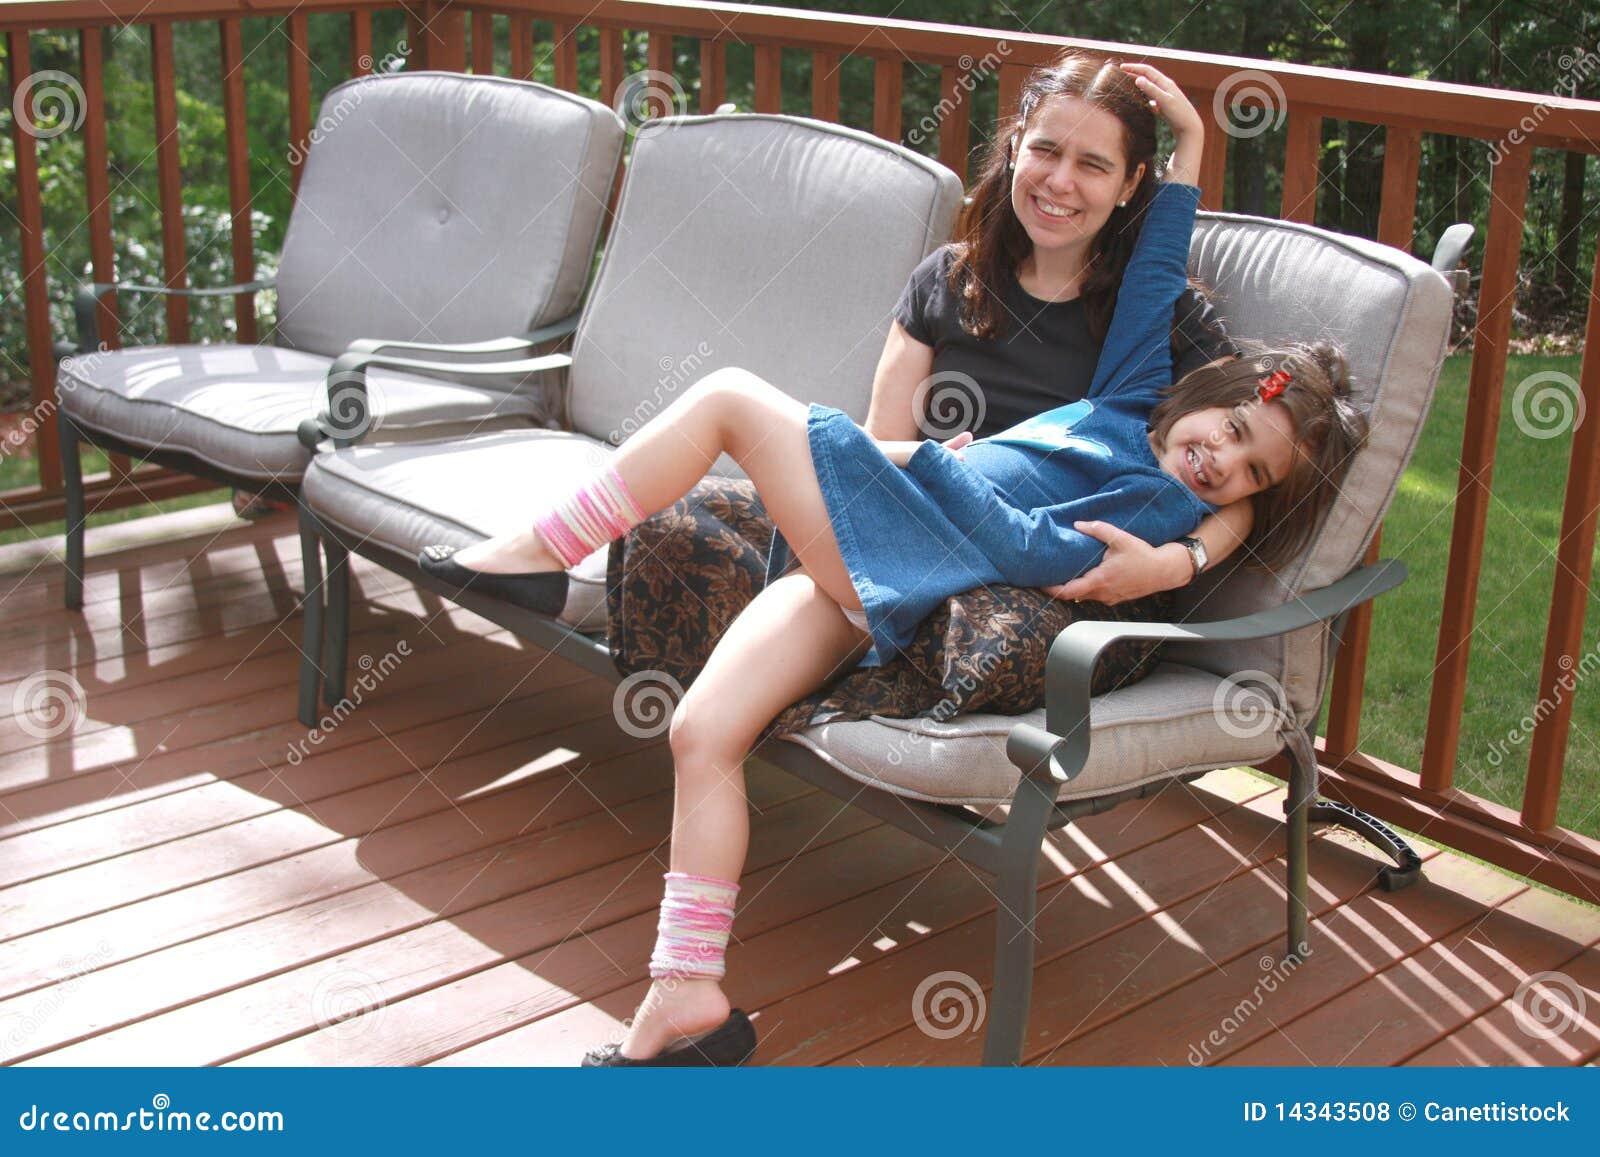 Mommys girl.com